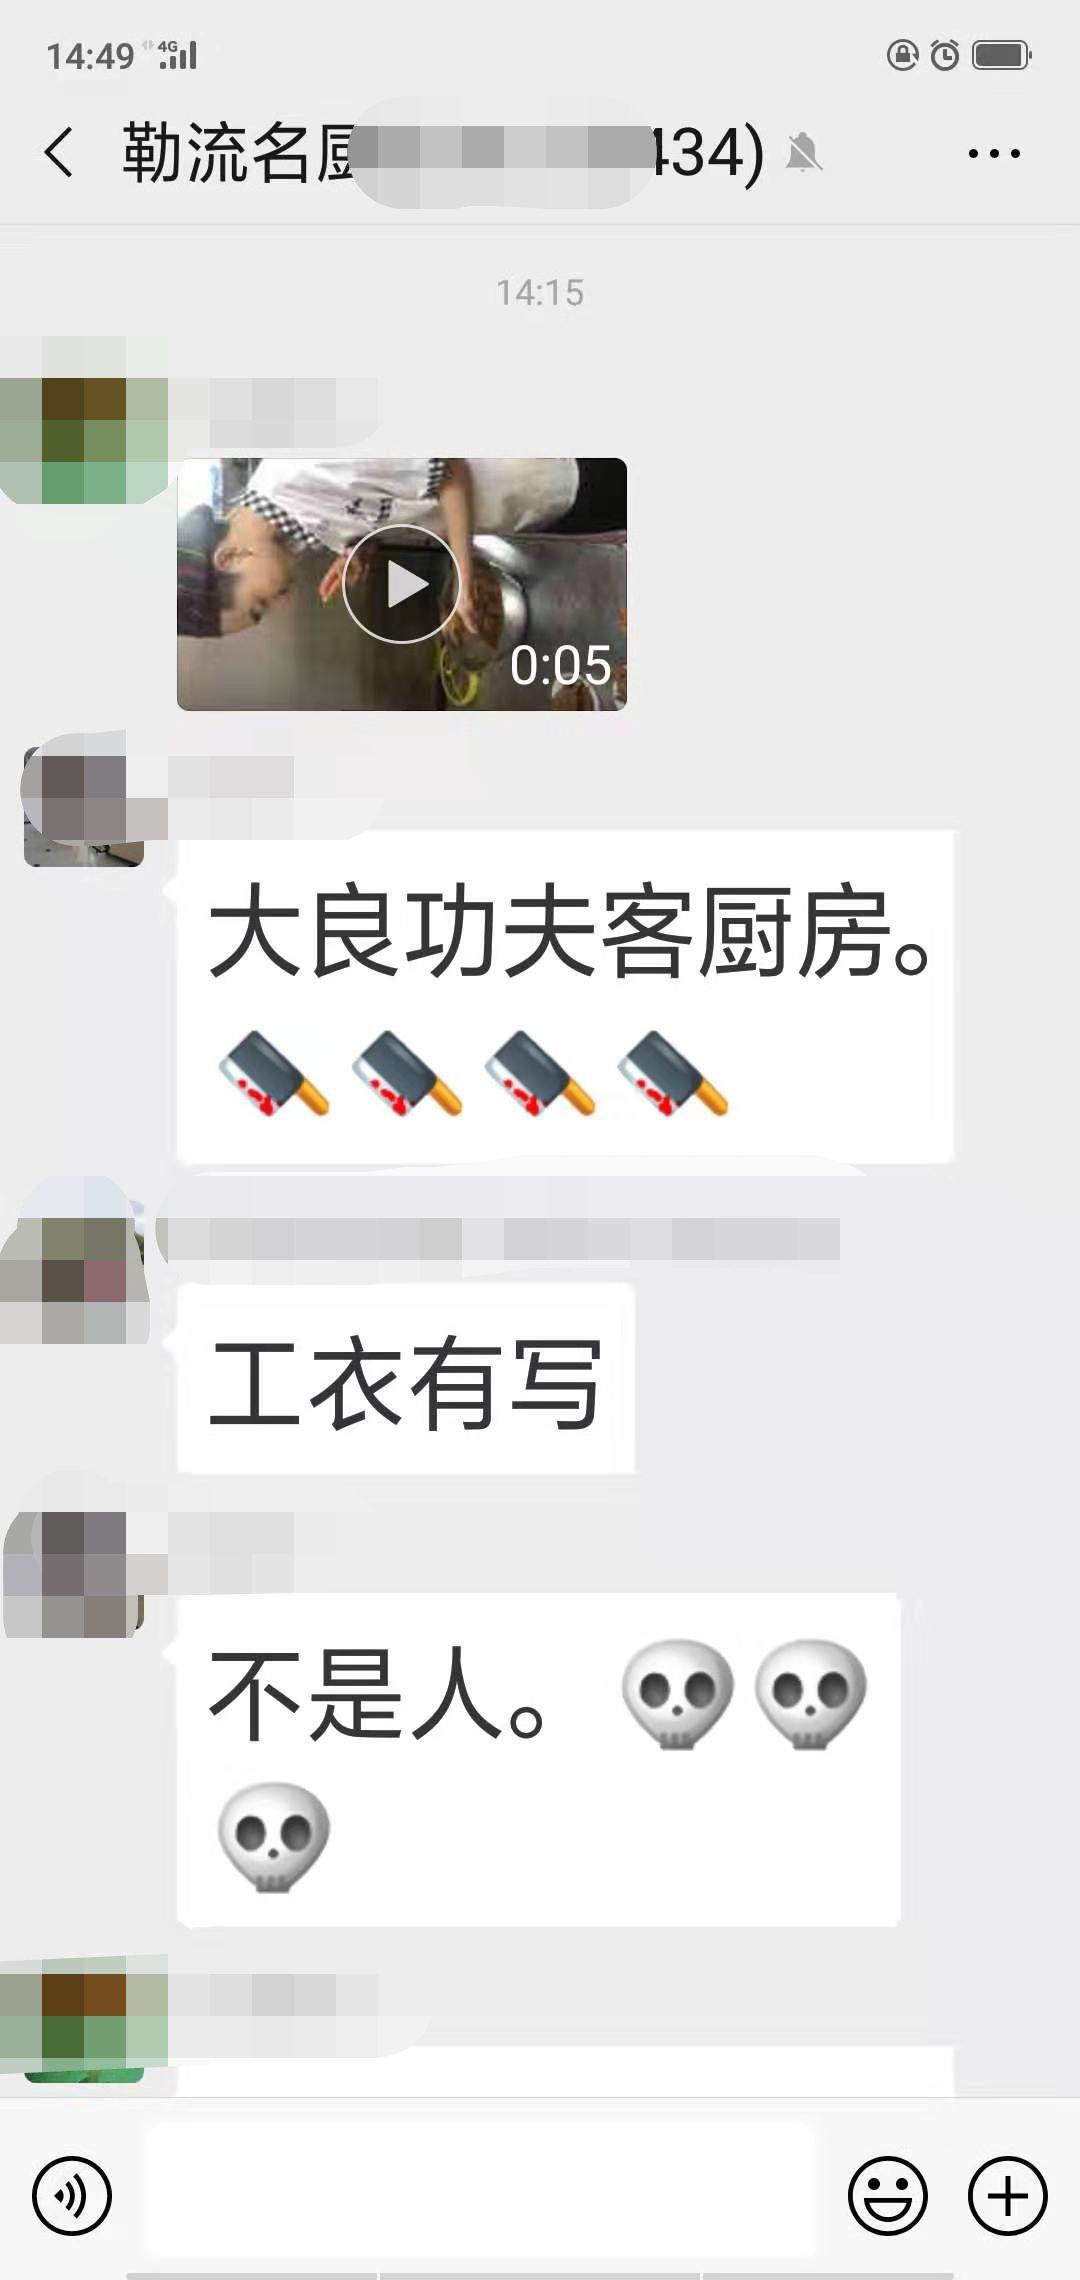 呢个人渣出名咯!一夜之间传爆广东朋友圈,全网人刮紧佢…插图4